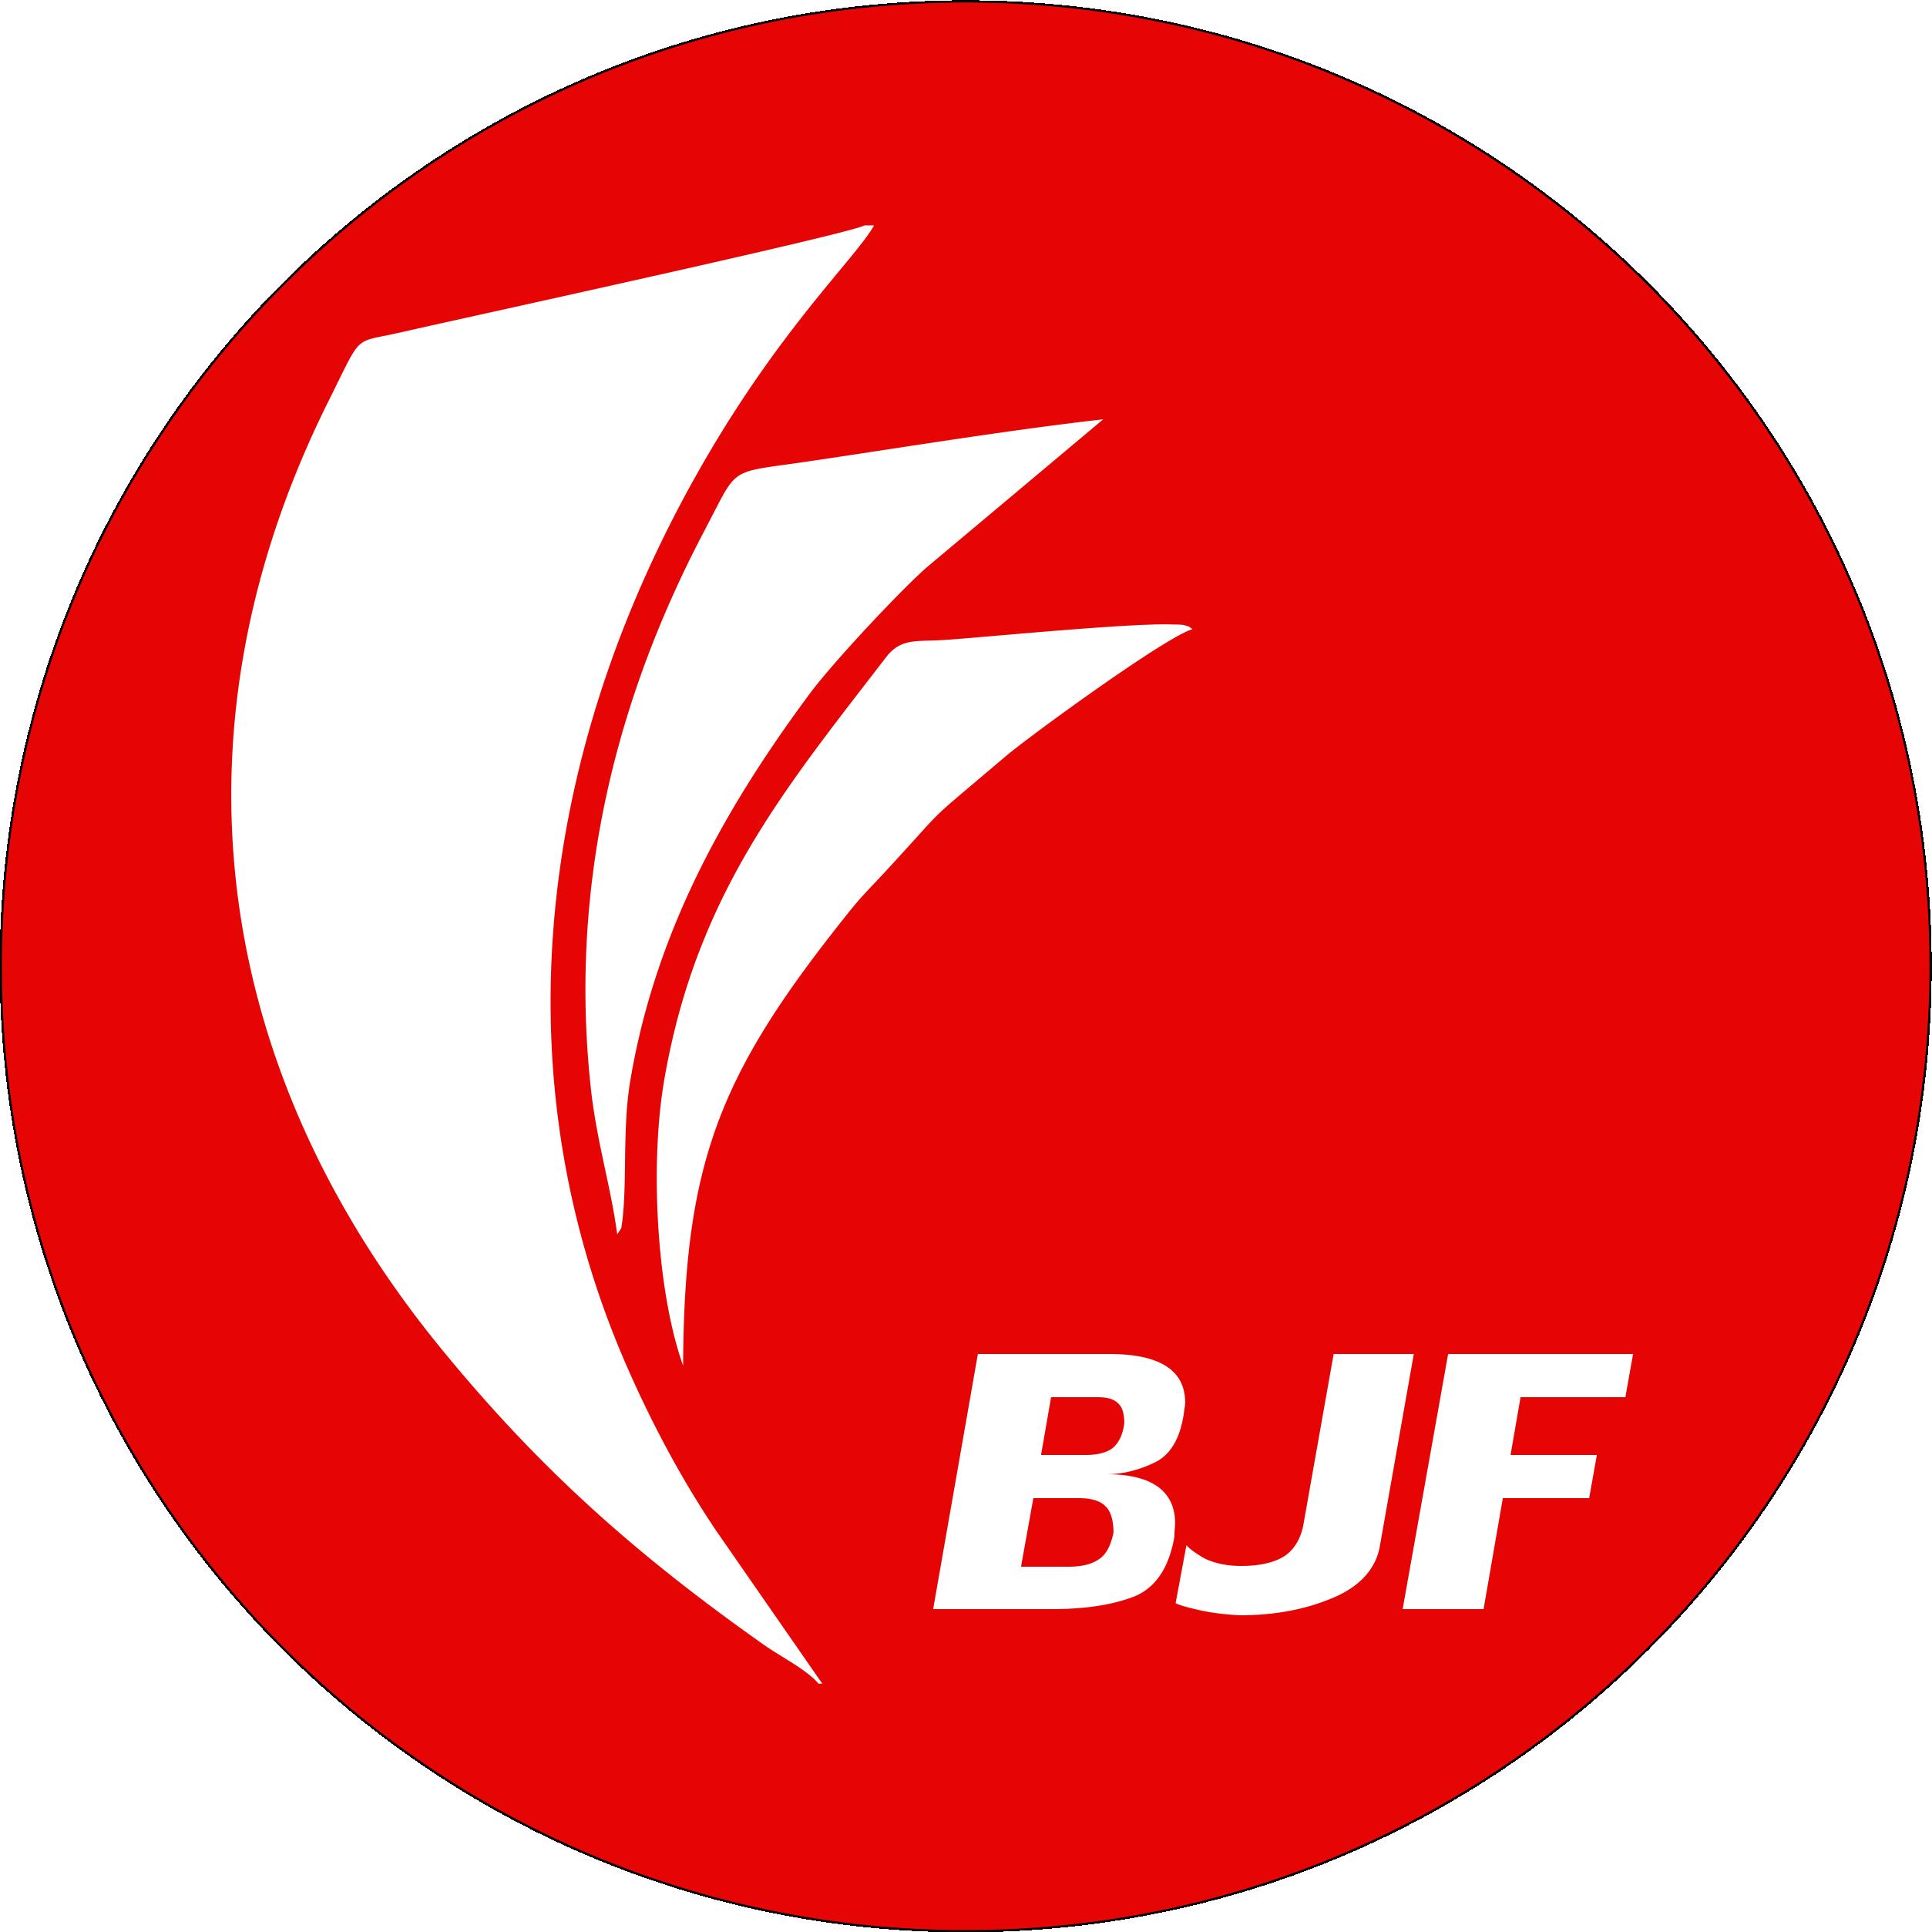 Logotipo BJF Redondo